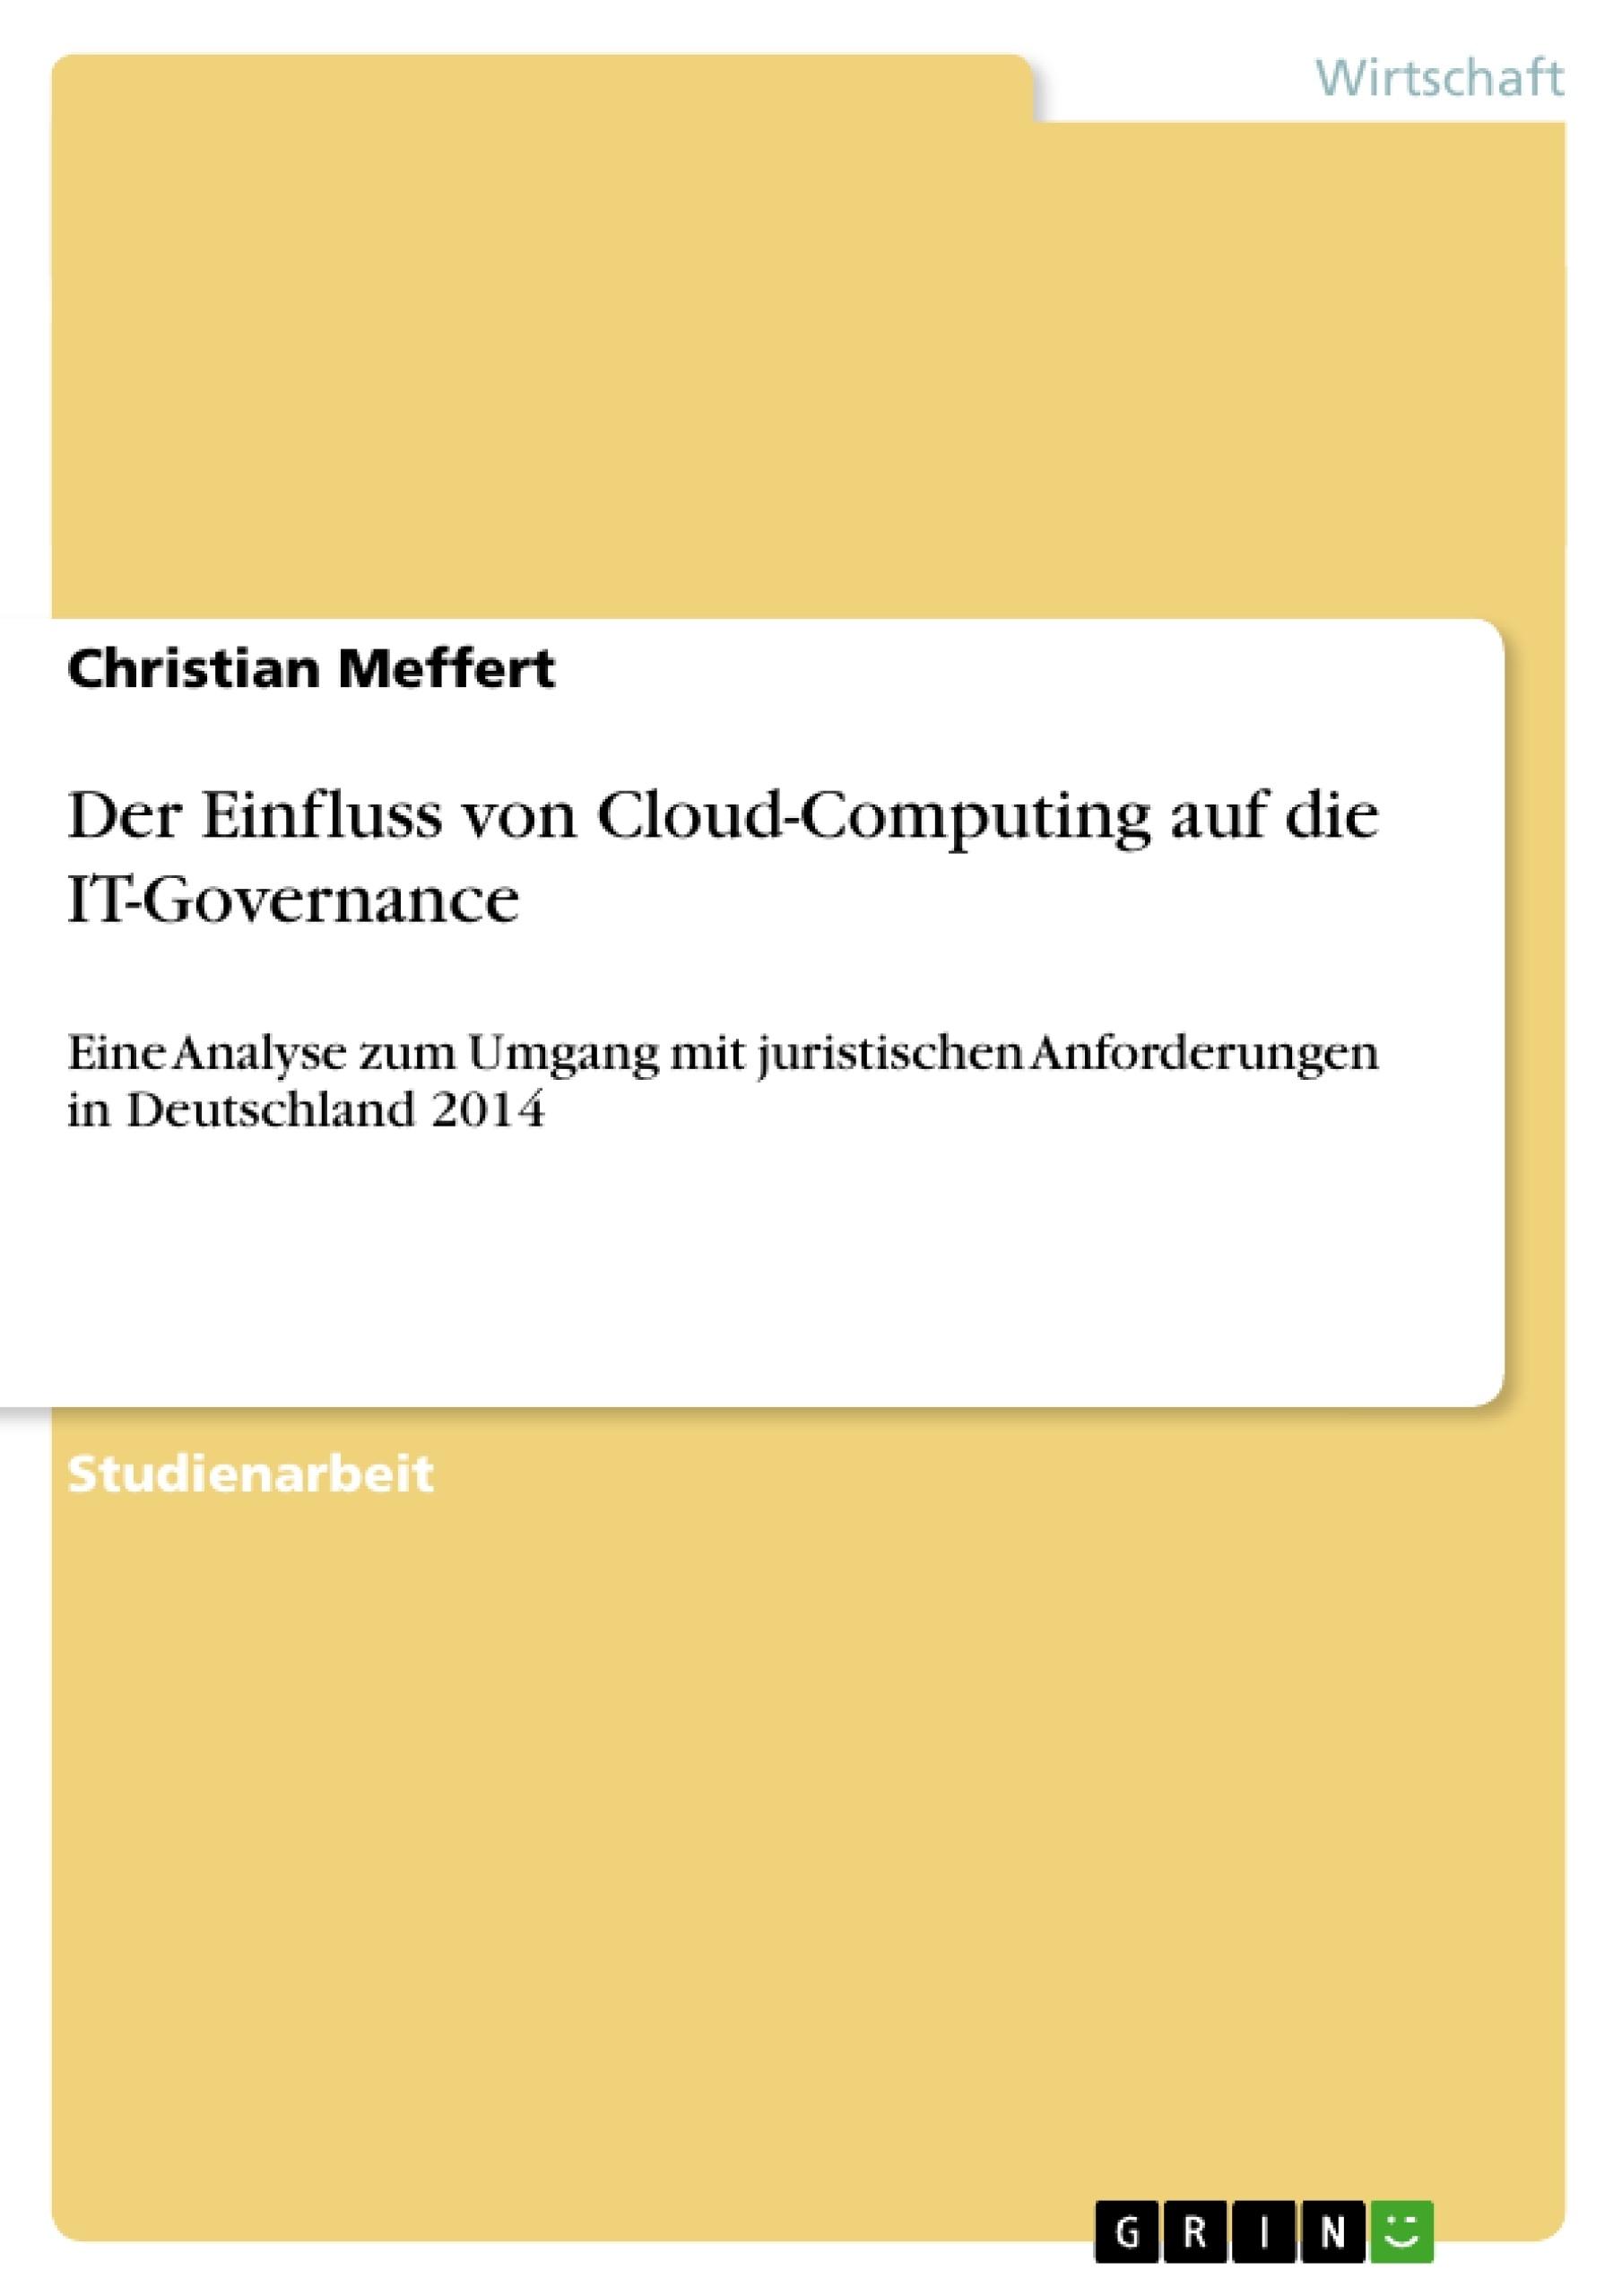 Titel: Der Einfluss von Cloud-Computing auf die IT-Governance